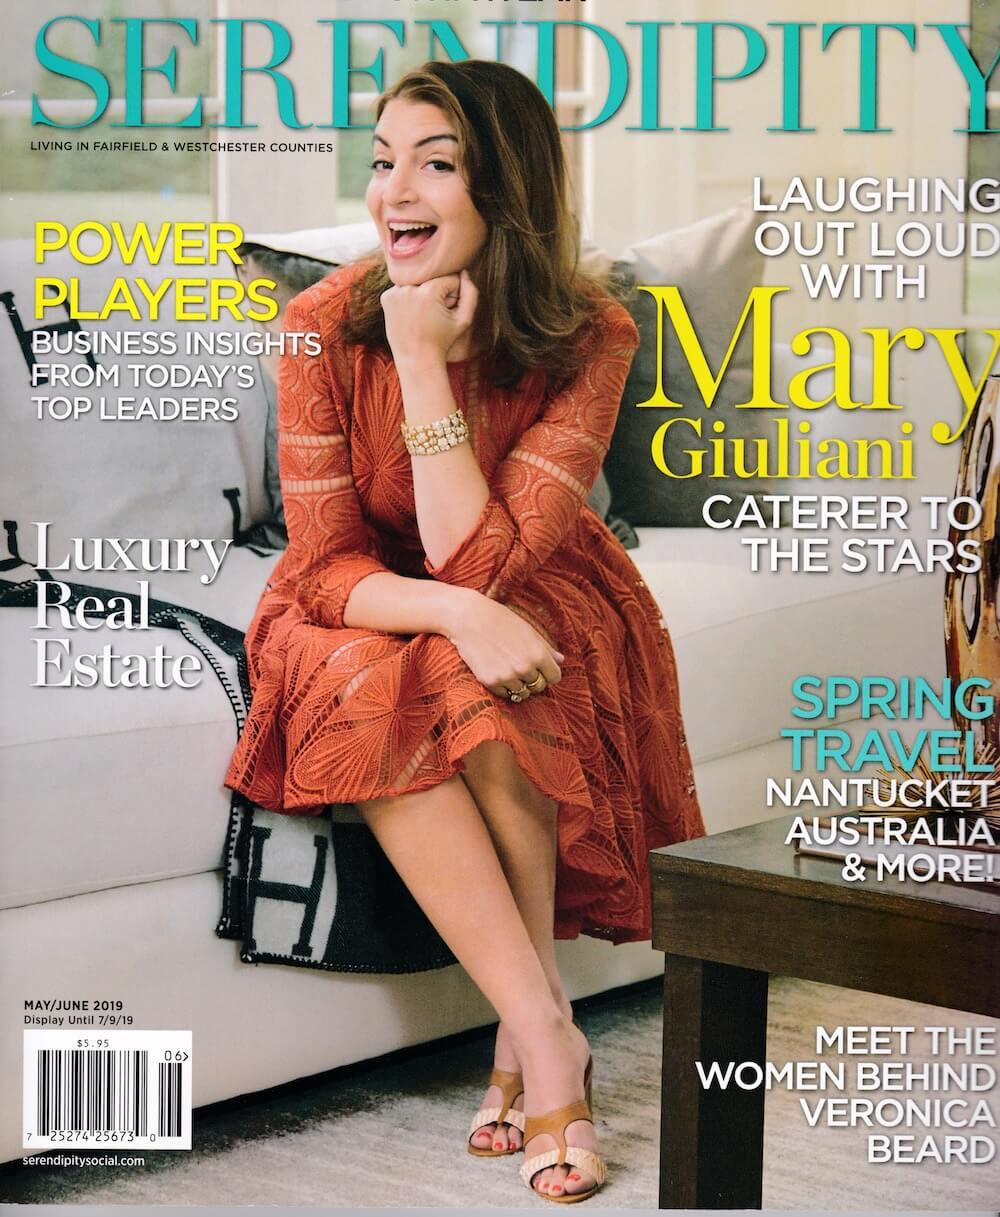 serendipity_magazine (1).jpeg